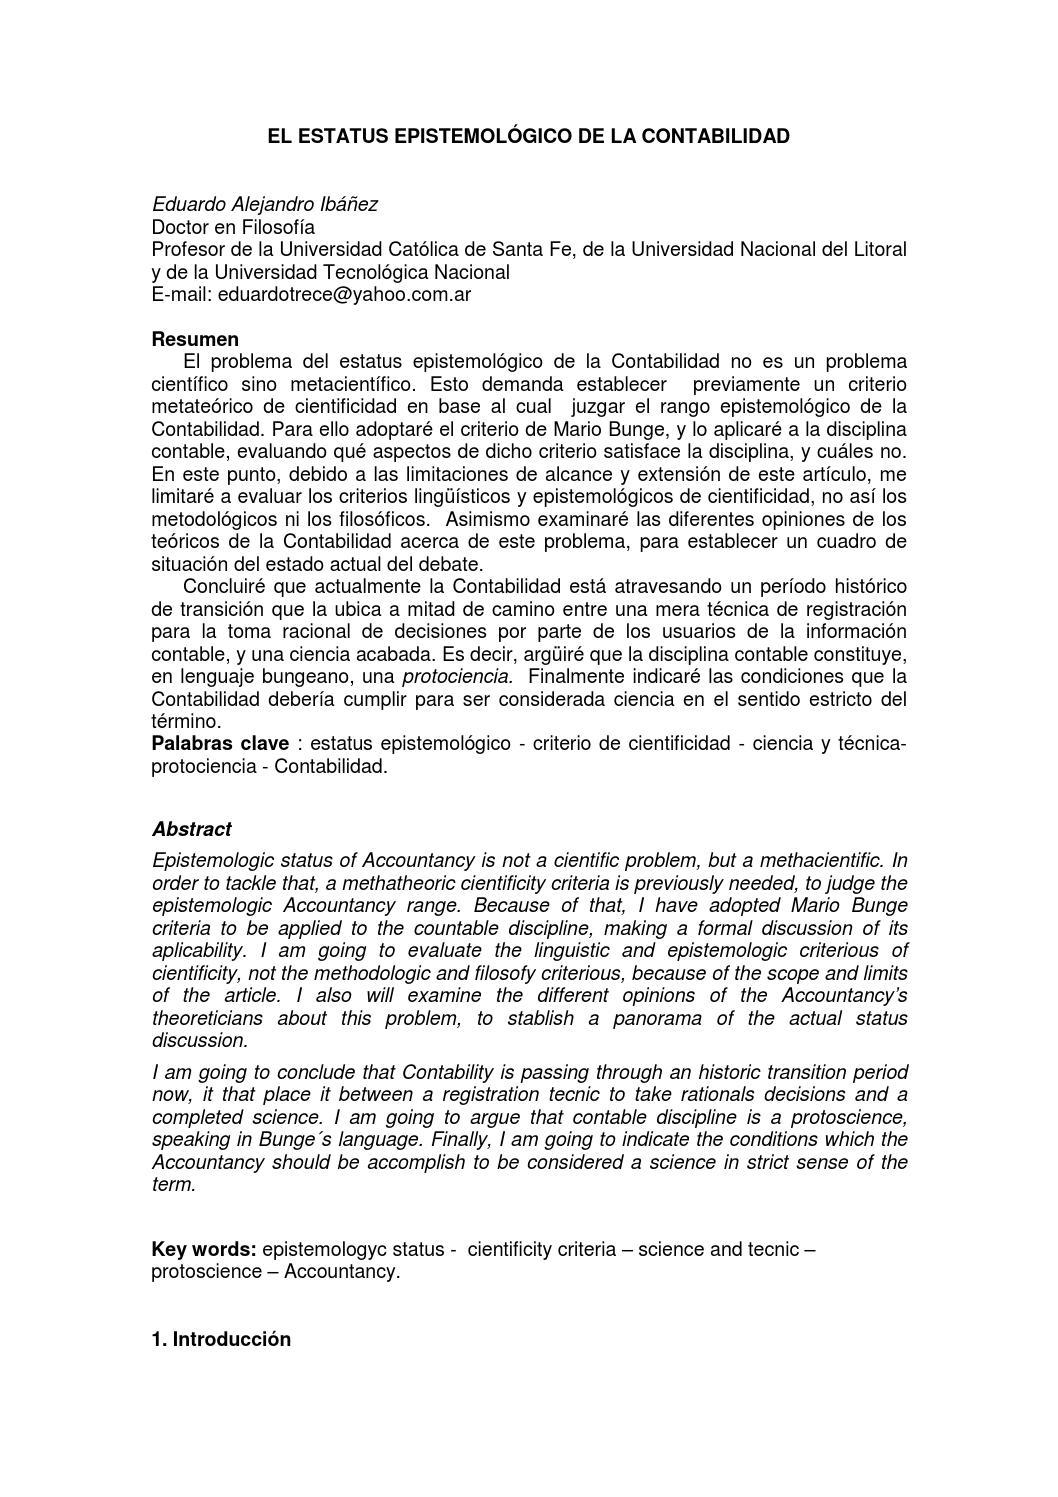 Contabilidad y Decisiones Nro. 2 by contabilidad.decisiones - issuu